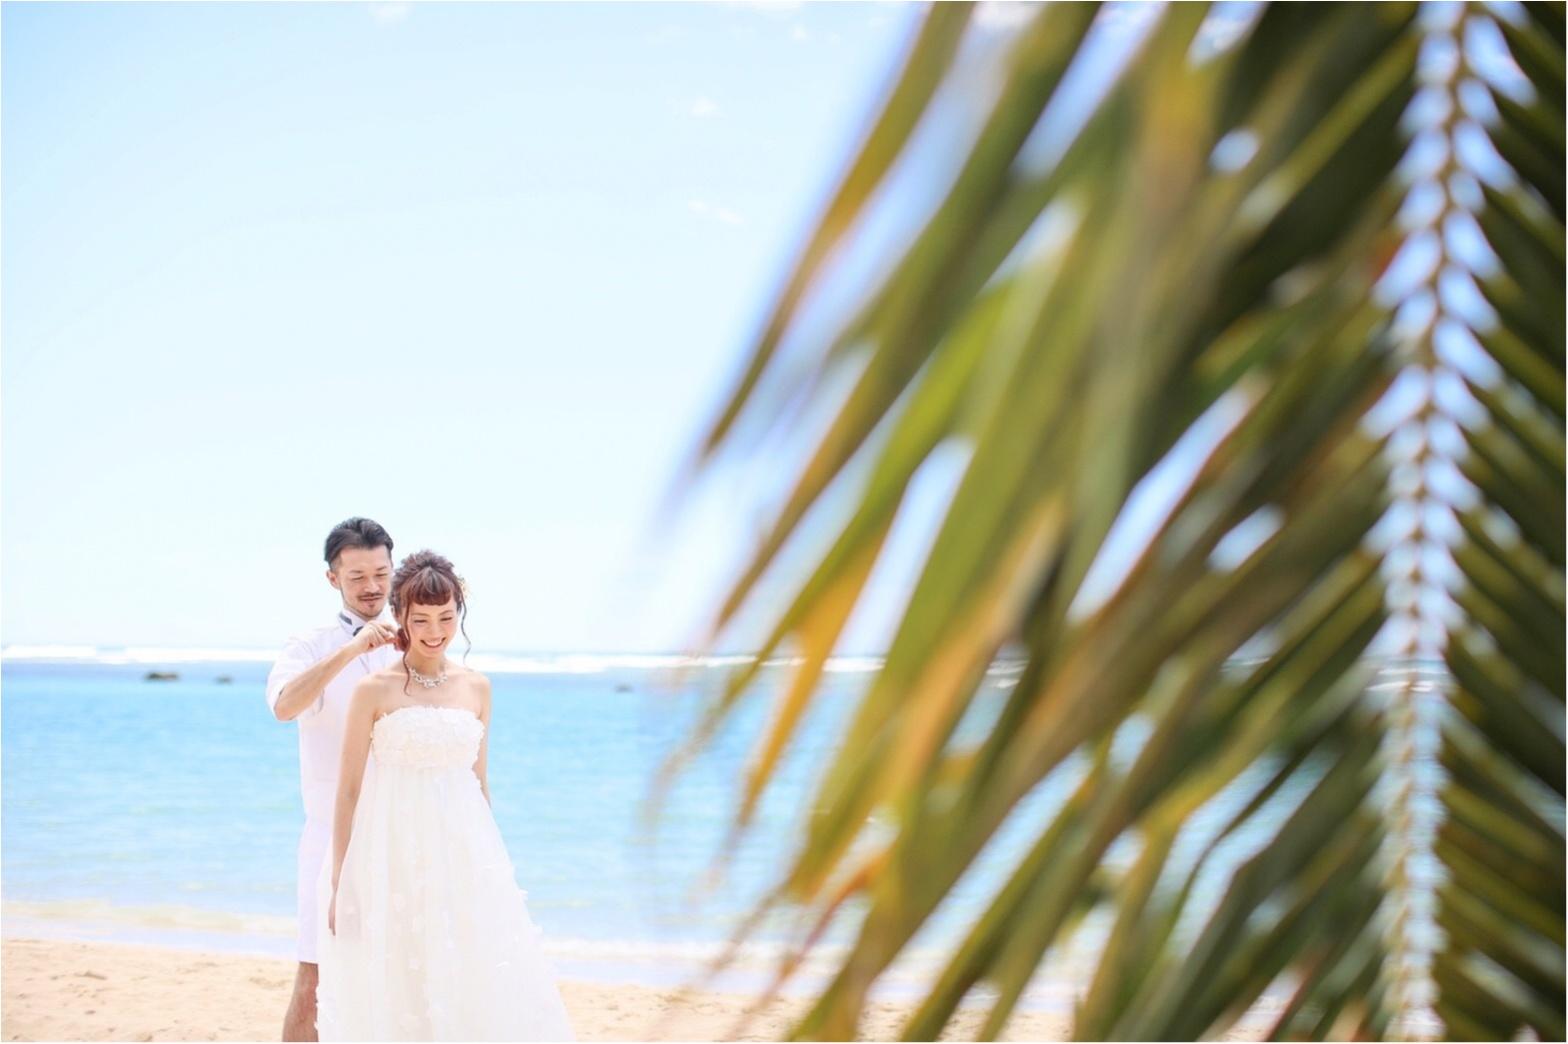 【プレ花嫁さん必見】ハワイでウェディングフォト撮影-ビーチ撮影・ハンドメイドの小物たち-_5